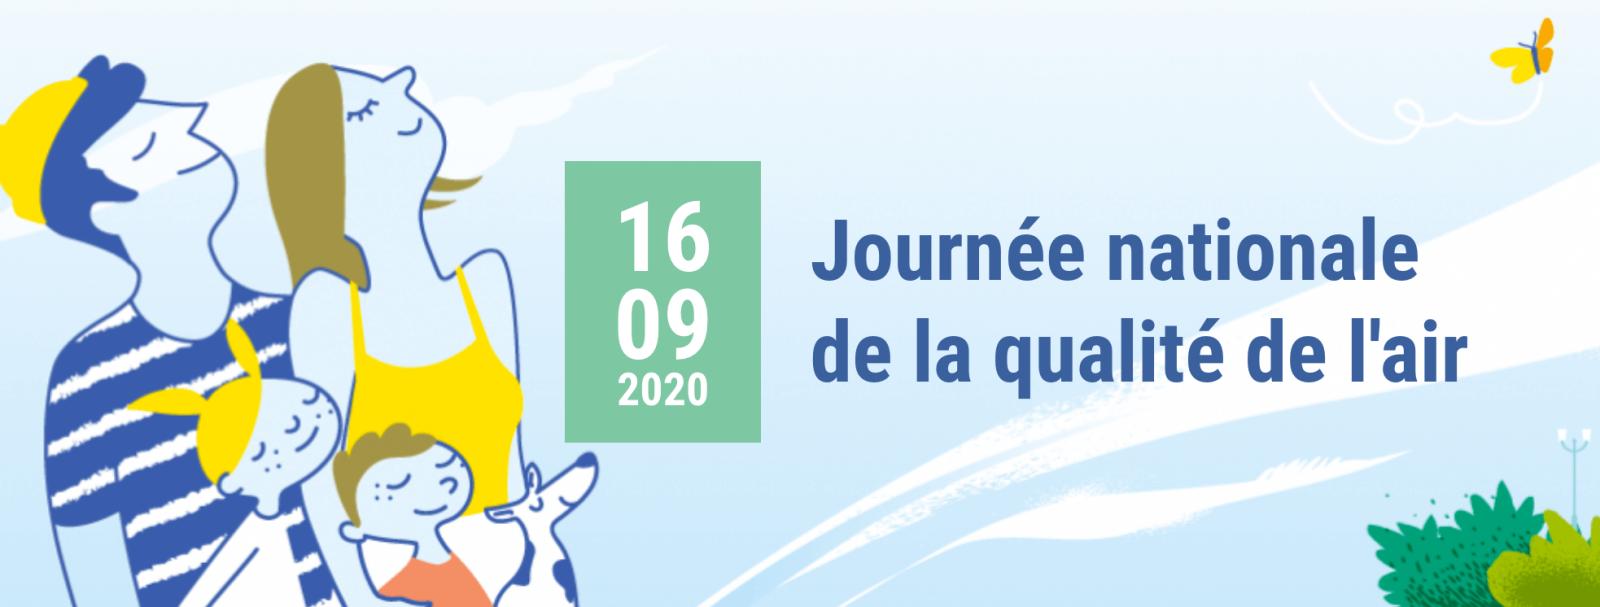 Journée Nationale de la Qualité de l'Air 2020